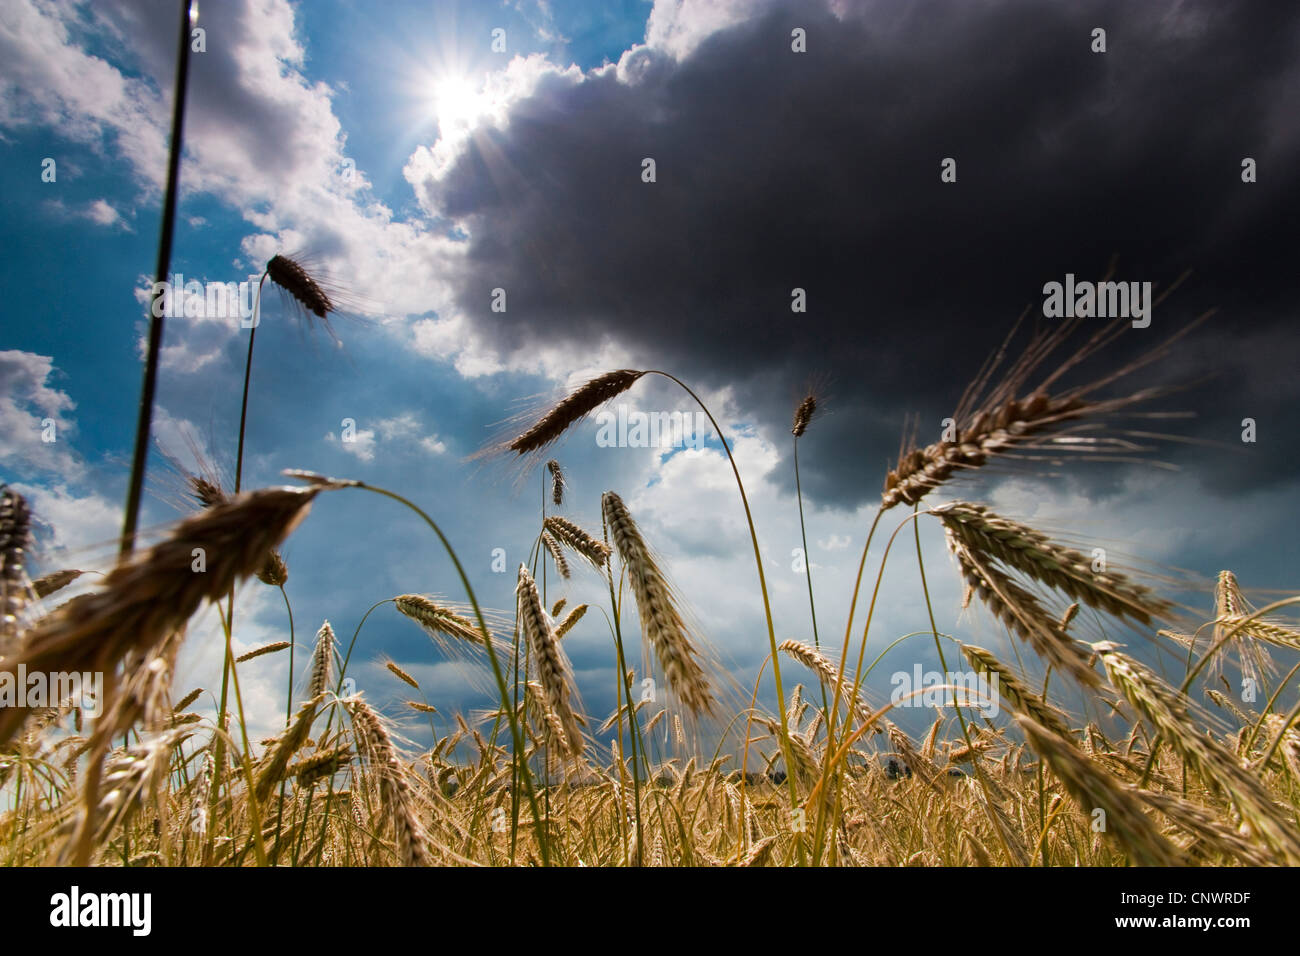 Cebada (Hordeum vulgare), campo de maíz bajo aumento de los nubarrones, Alemania, Brandeburgo, Vogtlaendische Imagen De Stock